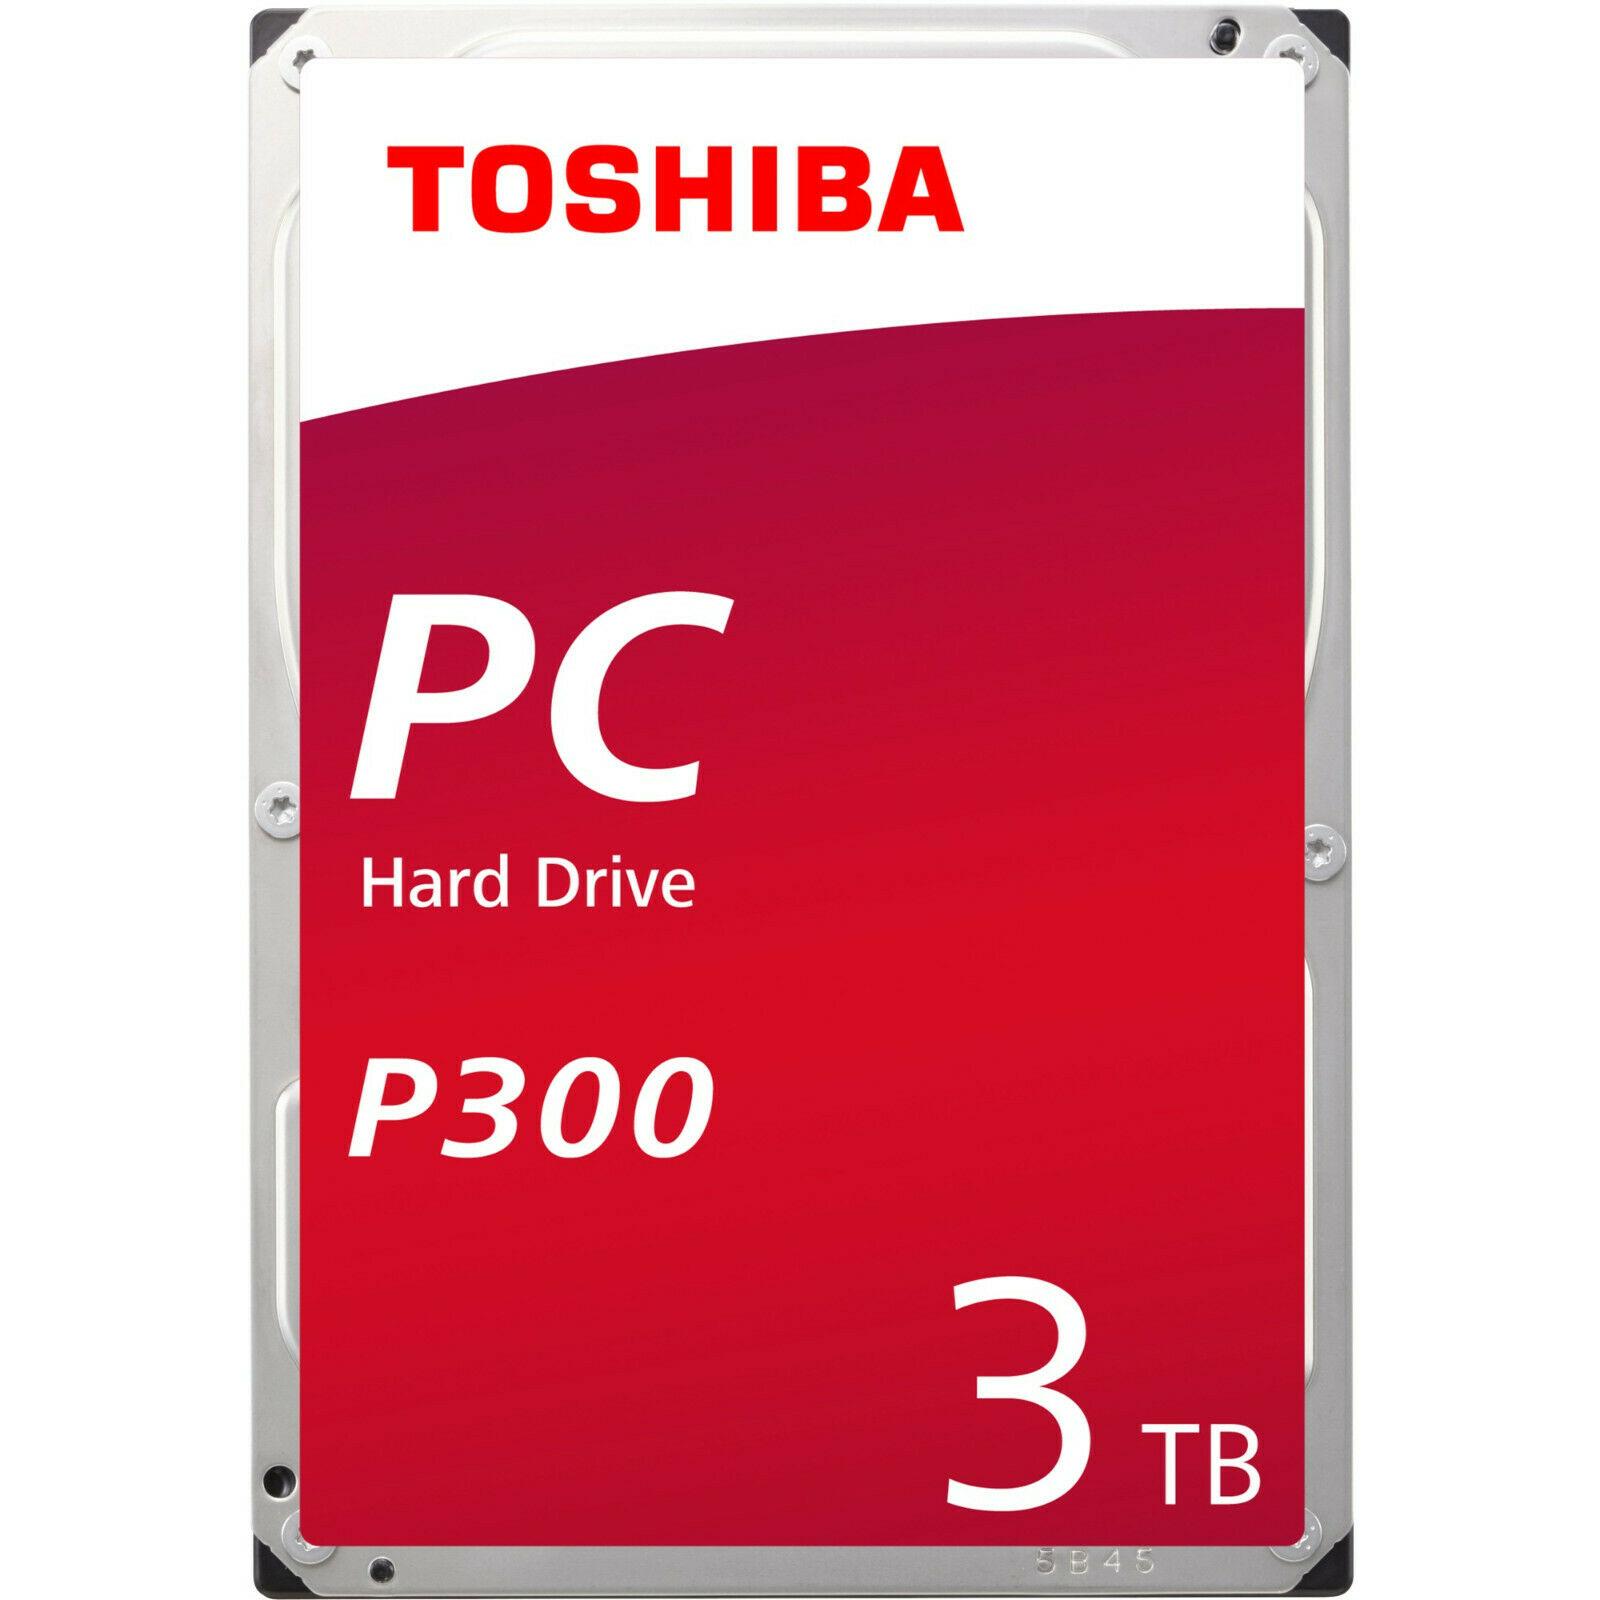 Bild zu 3,5 Zoll Festplatte Toshiba HDWD130UZSVA 3TB für 59,40€ (Vergleich: 69,64€)